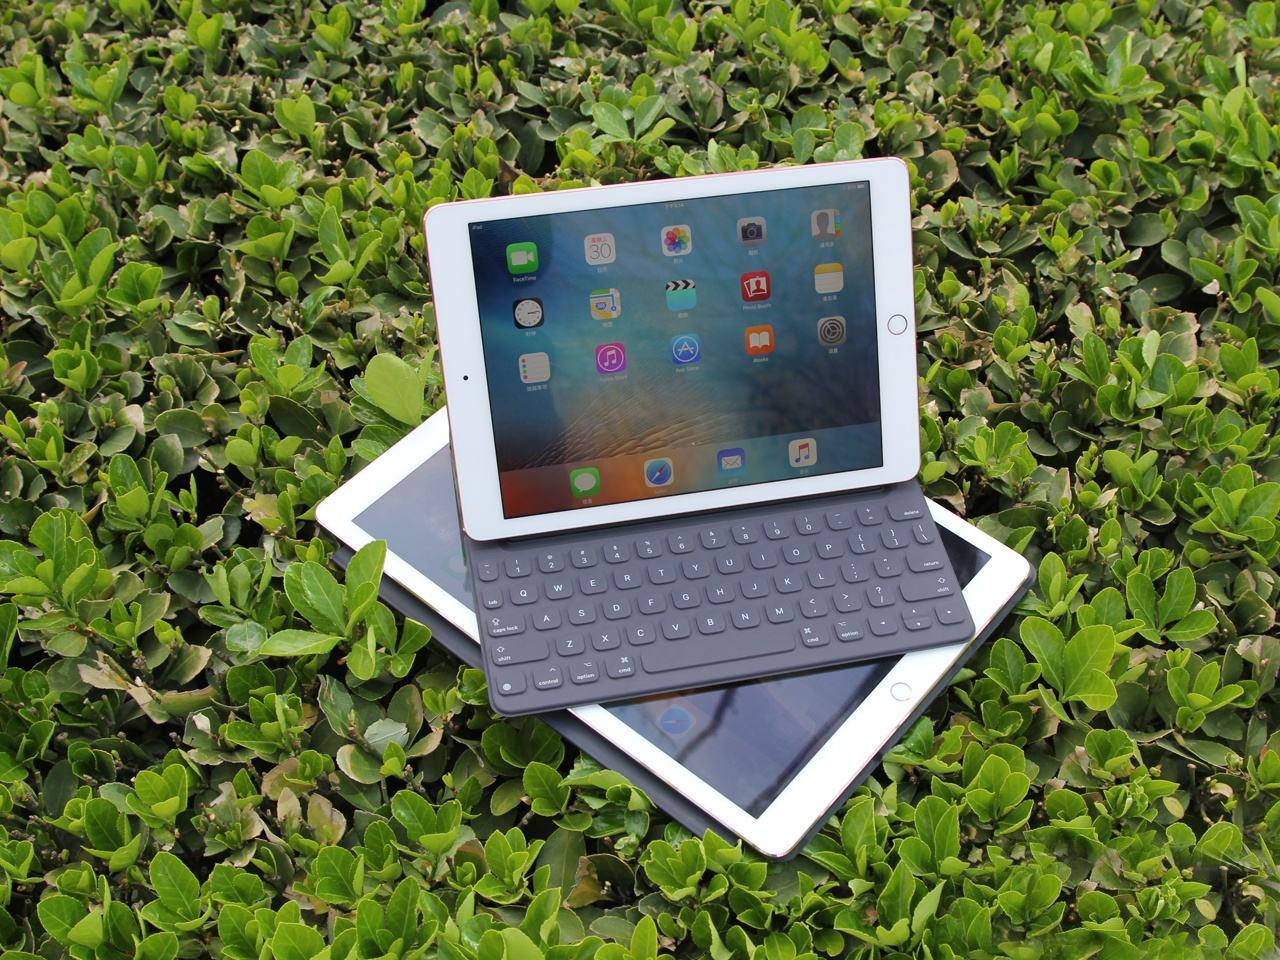 IPAD air2平板电脑模型 苹果平板电脑模型 5